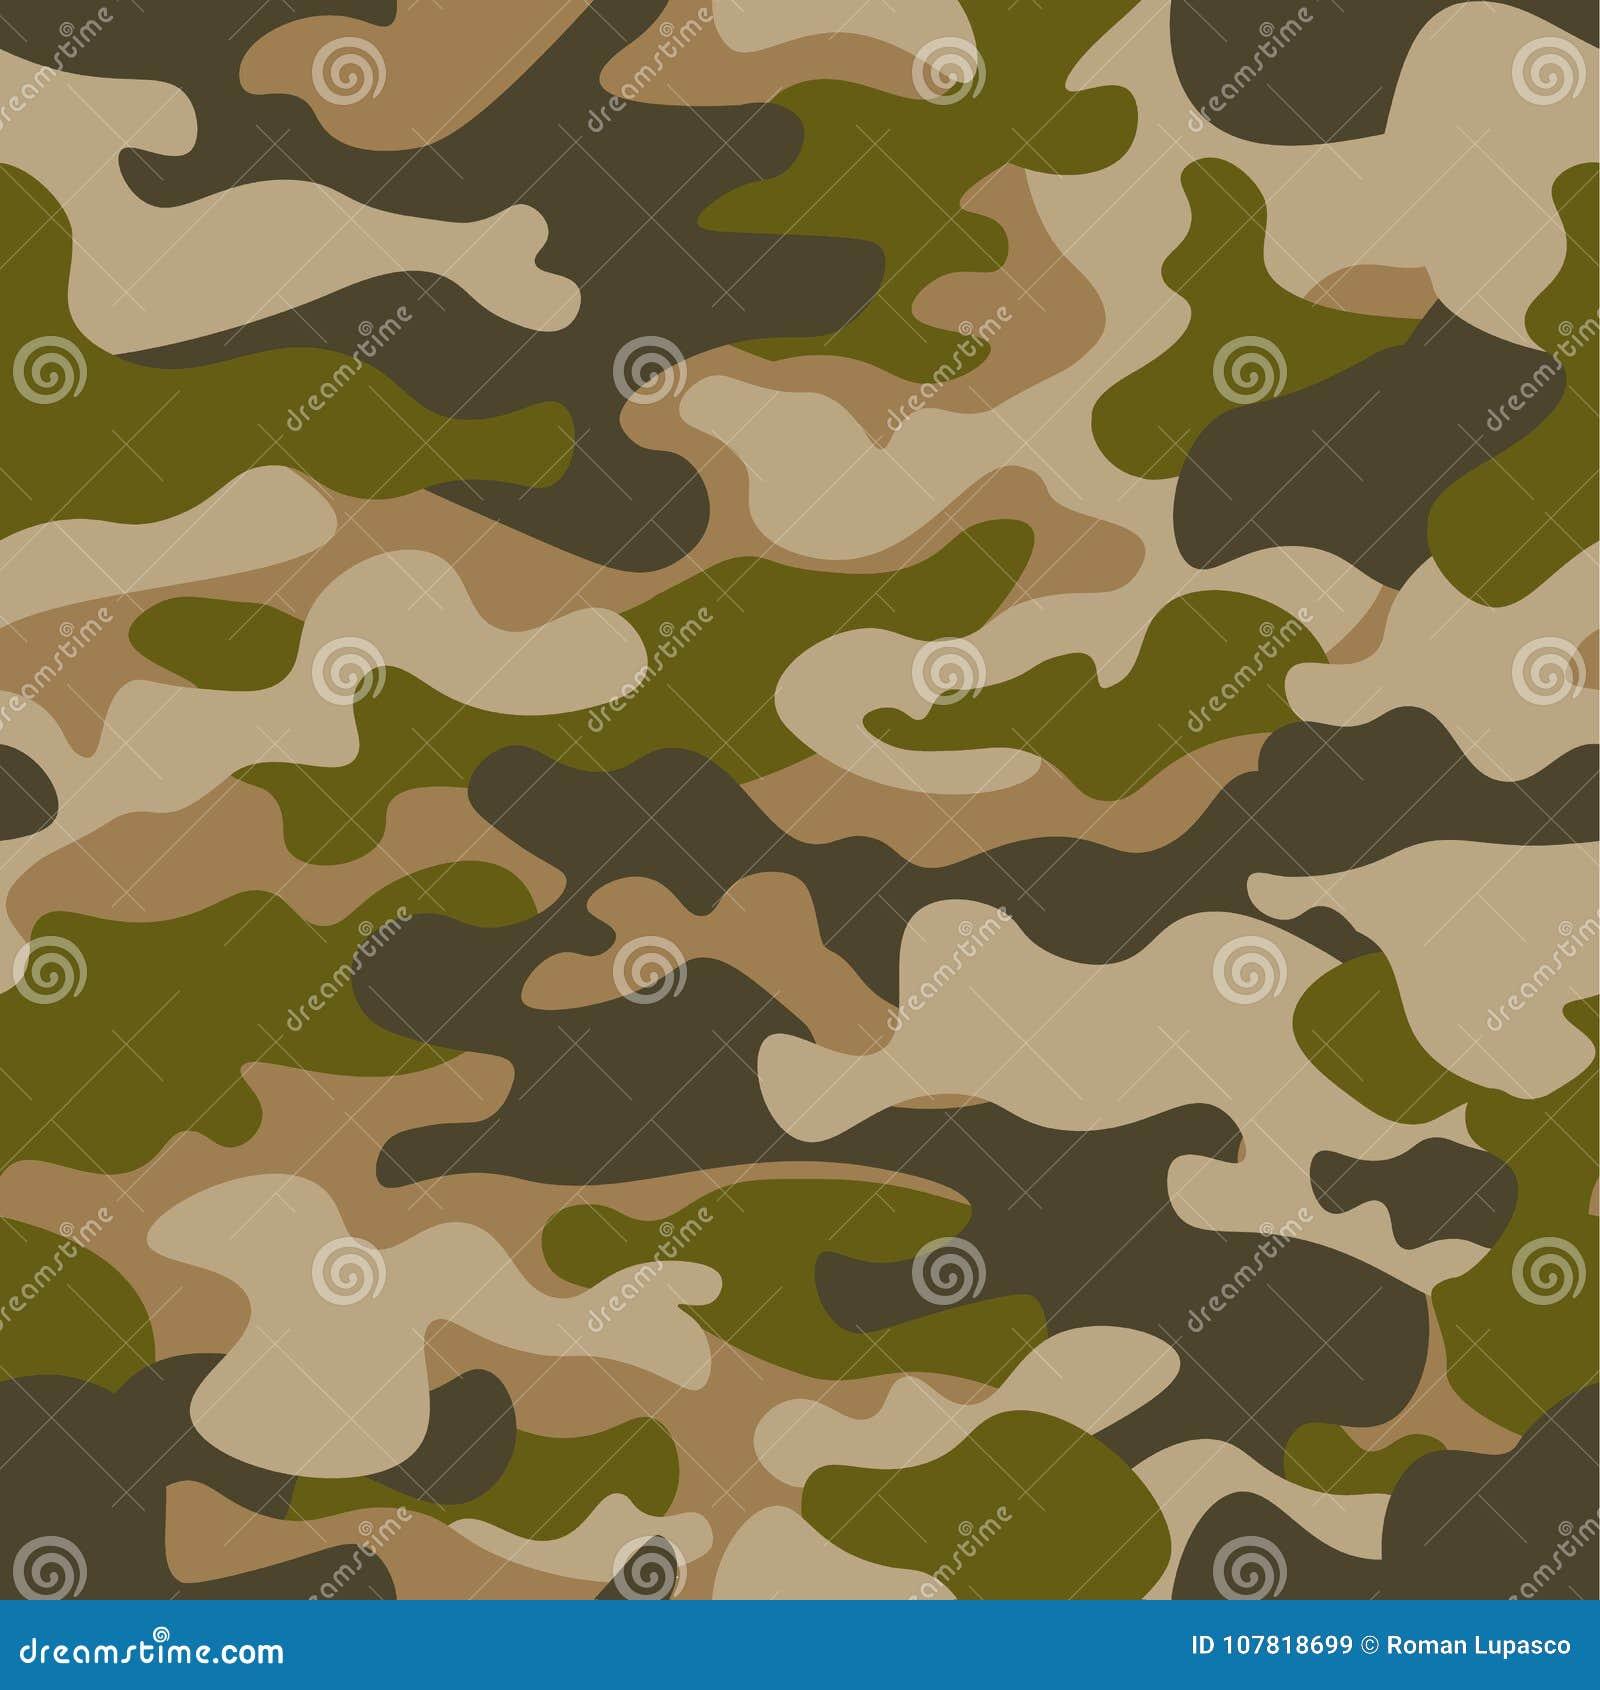 Modelo Inconsútil Fondo Abstracto Del Camuflaje De Los Militares O ...